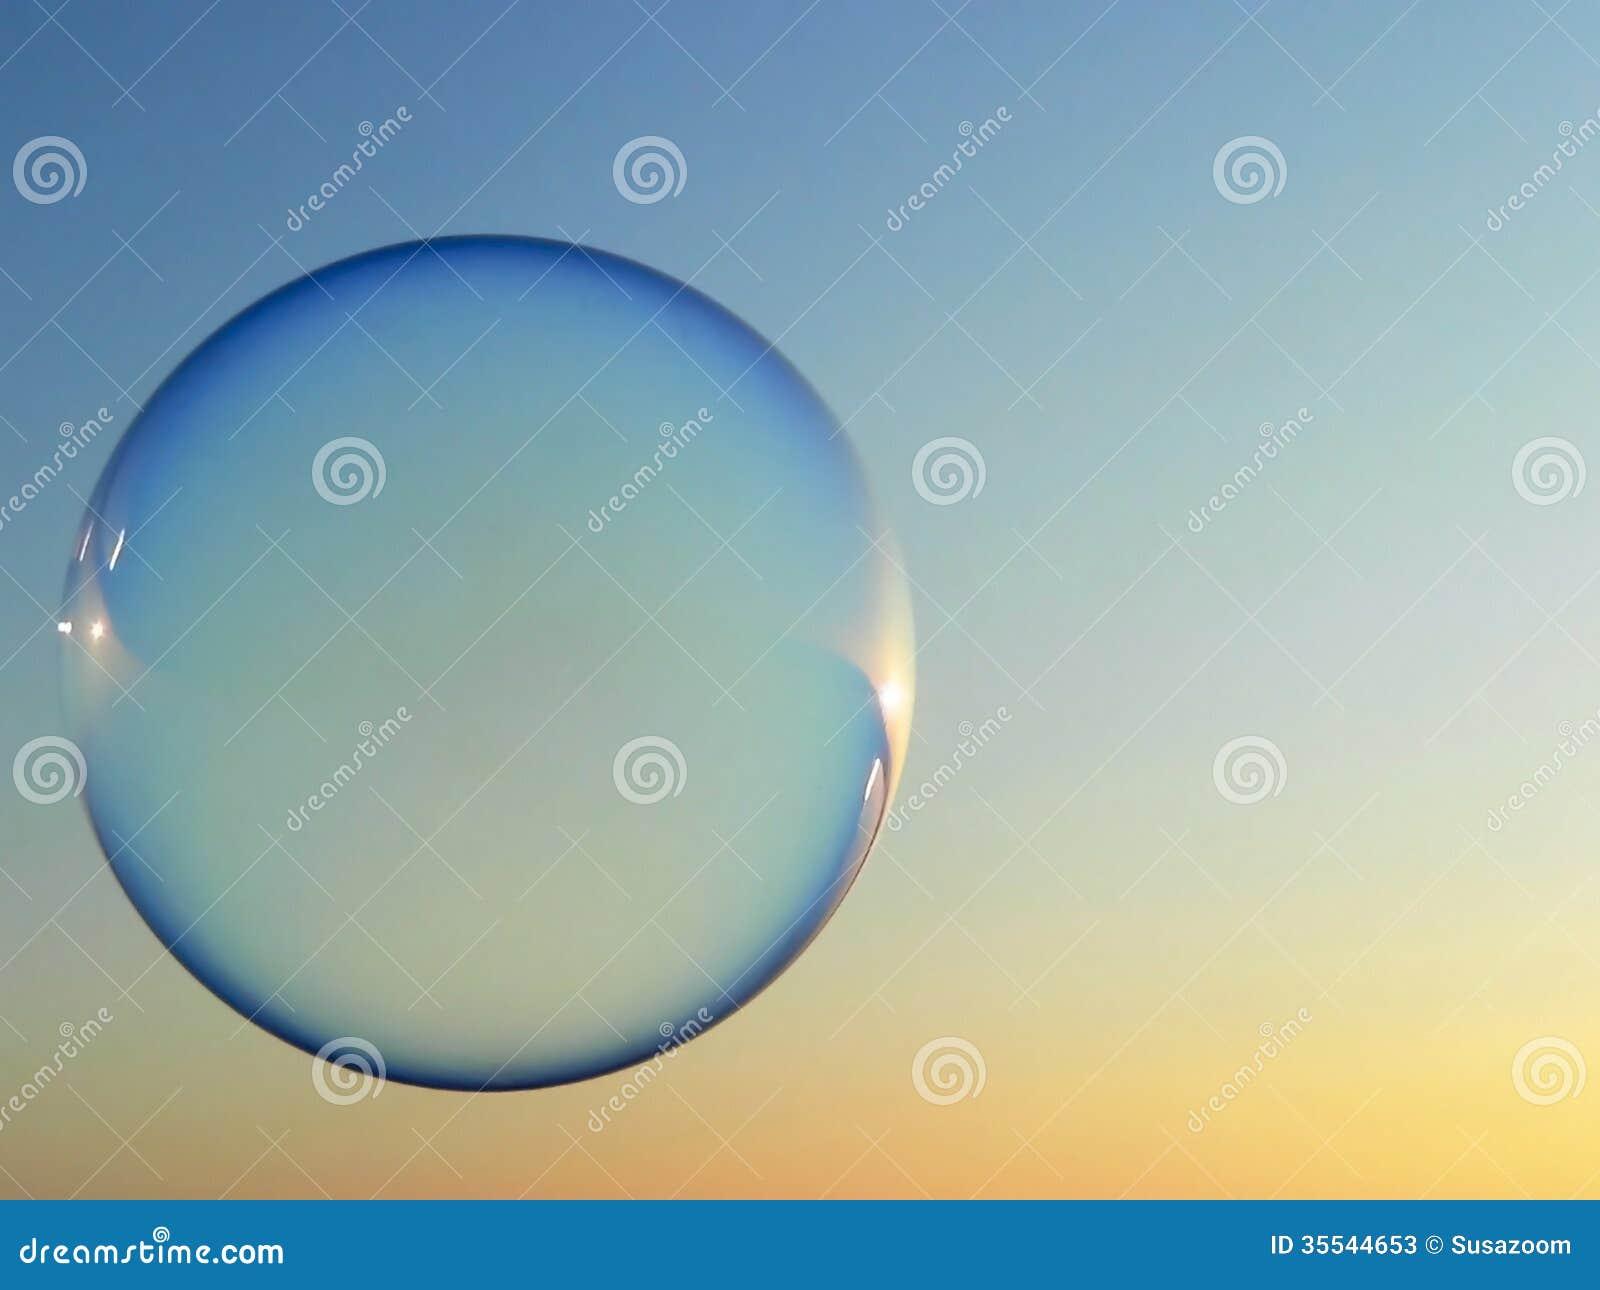 Burbuja de jabón flotante por la tarde